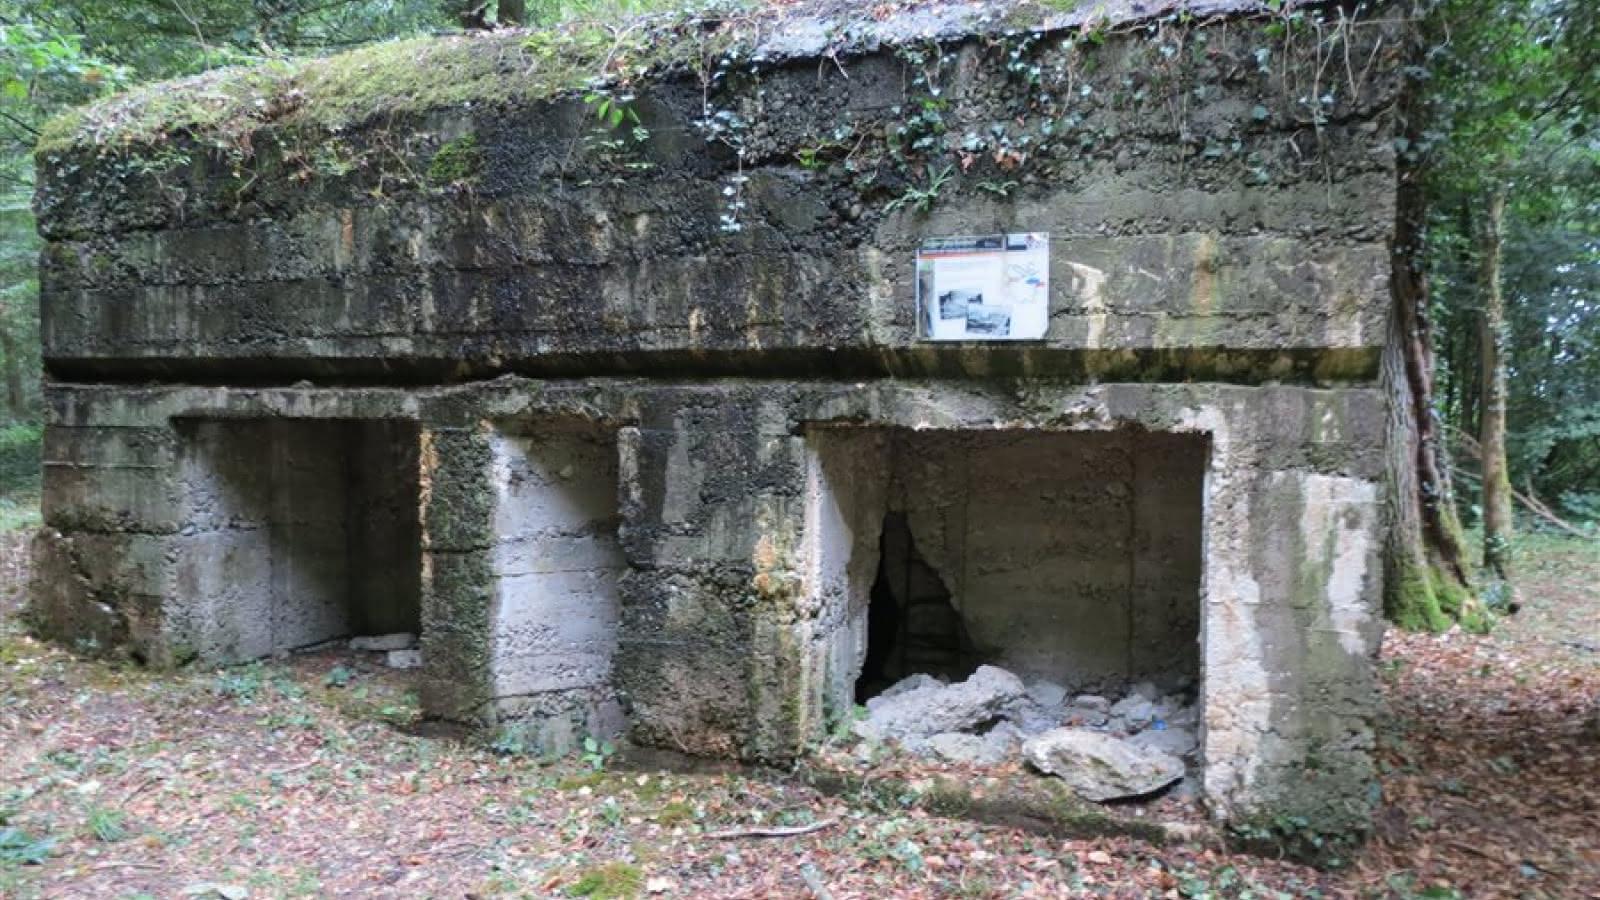 Sentier Des Sentier BunkersVisit Alsace Le Le BunkersVisit Des lJTF1Kc